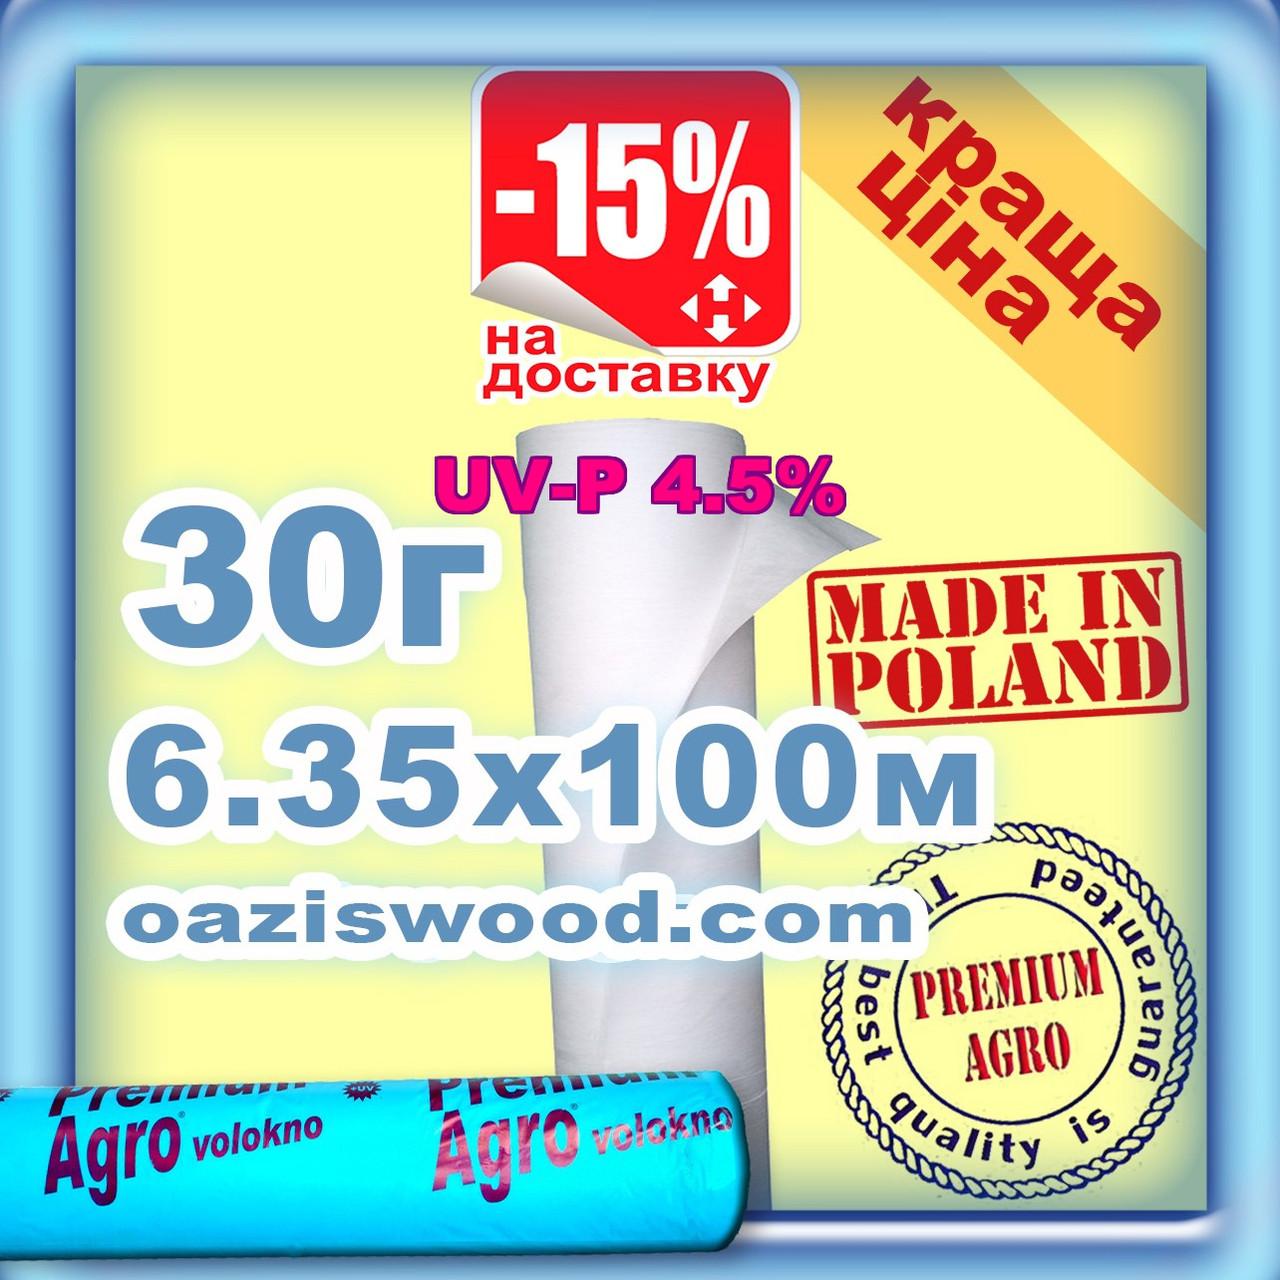 Агроволокно р-30g 6.35*100м белое UV-P 4.5% Premium-Agro Польша